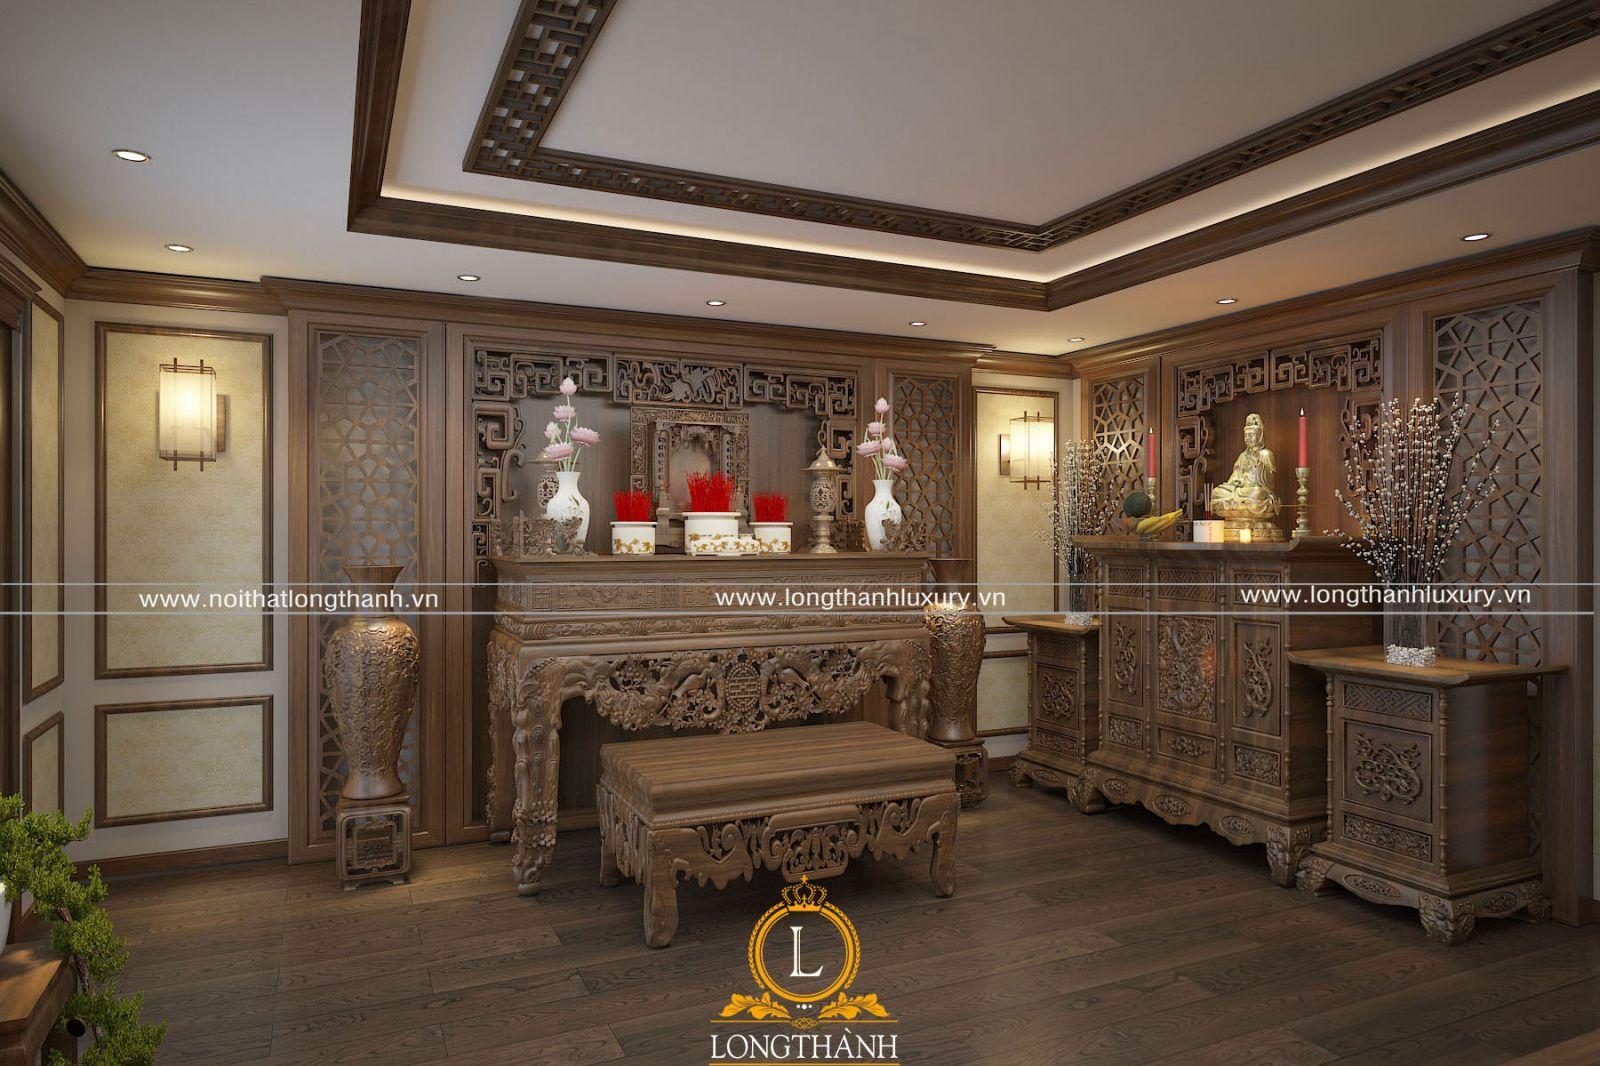 Không gian phòng thờ tân cổ điển trang nghiêm cho nhà biệt thự